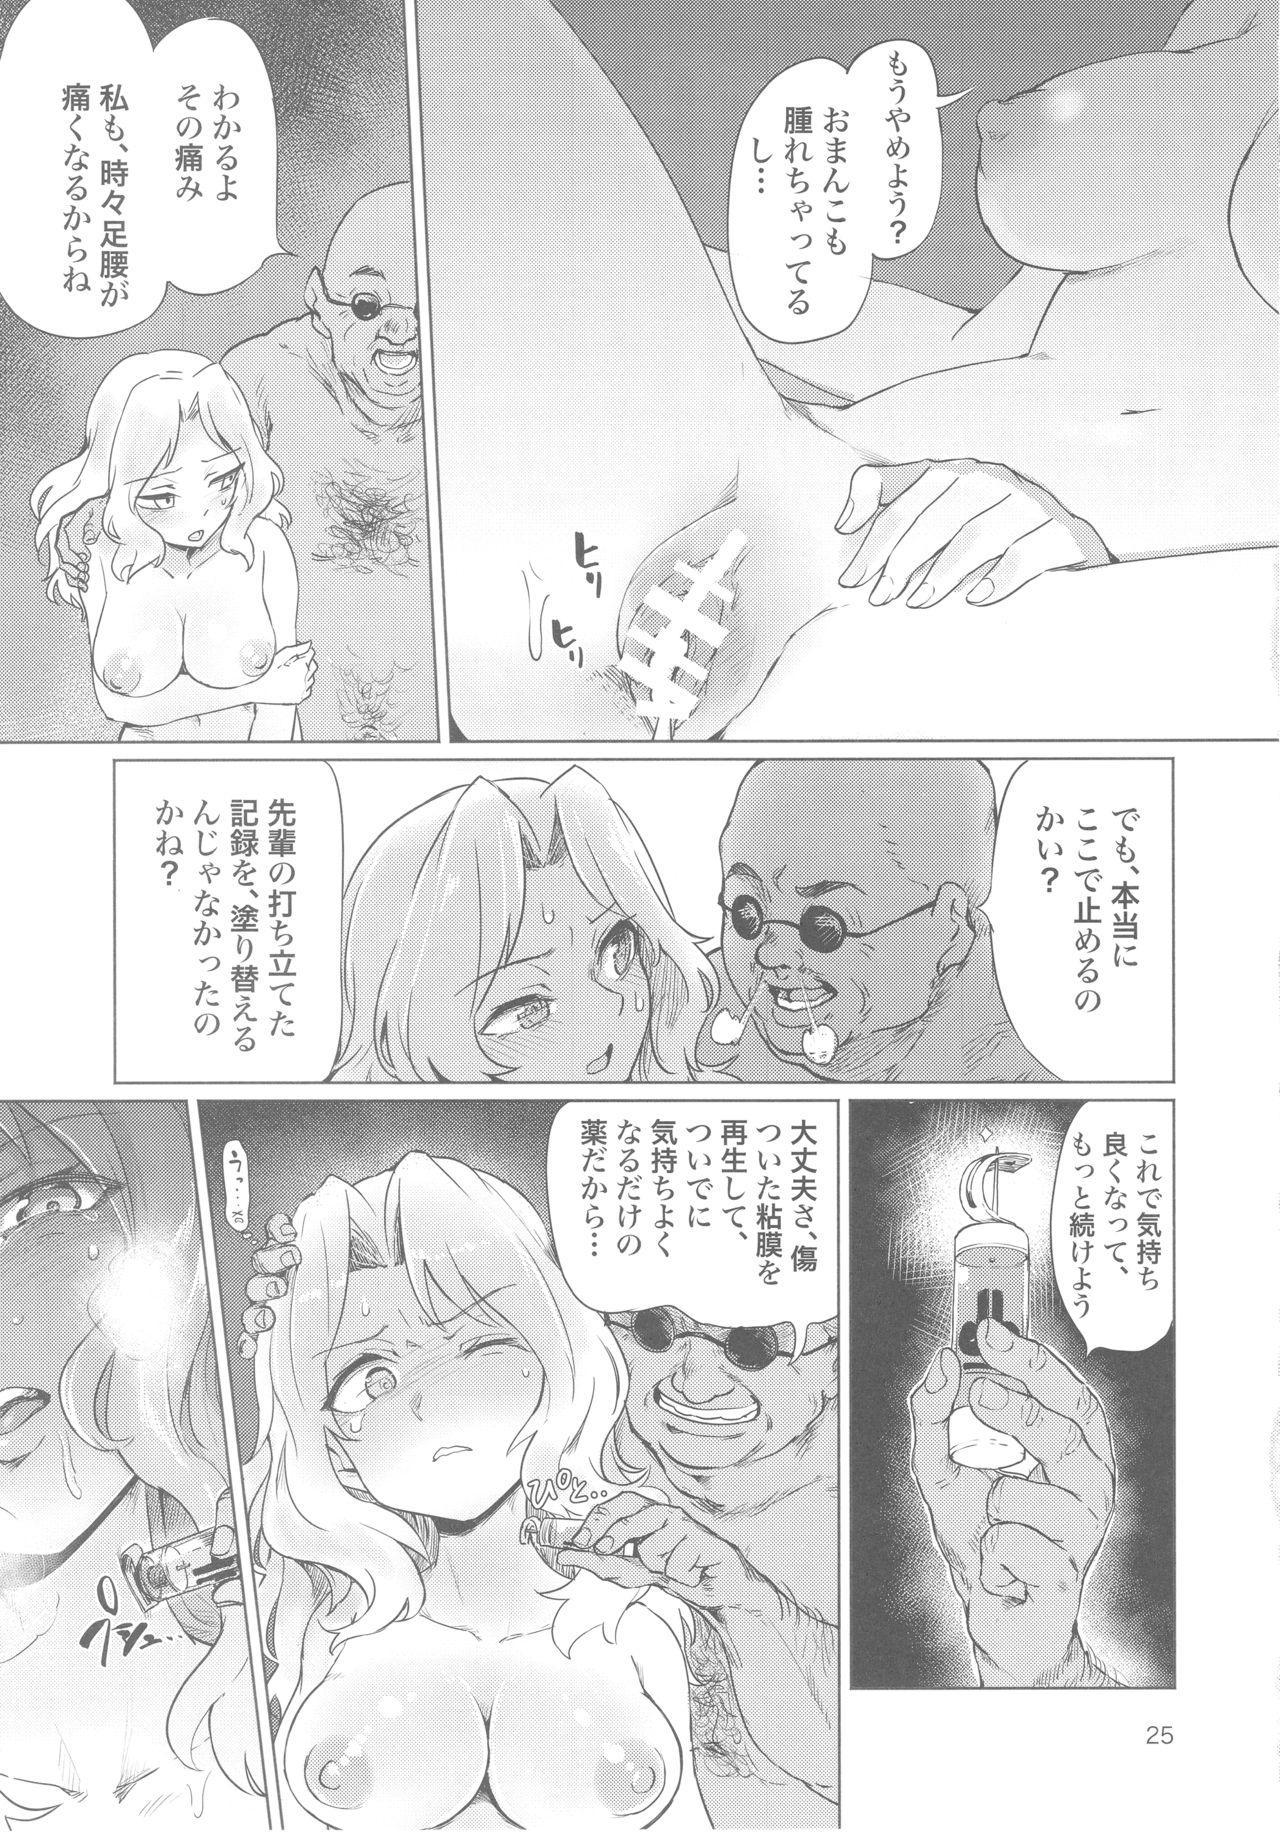 (C93) [Yakitate Jamaica (Aomushi)] Renzoku Taikyuu 8-jikan: Okay-san ga 8-jikan Buttooshi de Taikyuu Ecchi Suru Hon (Girls und Panzer) 24